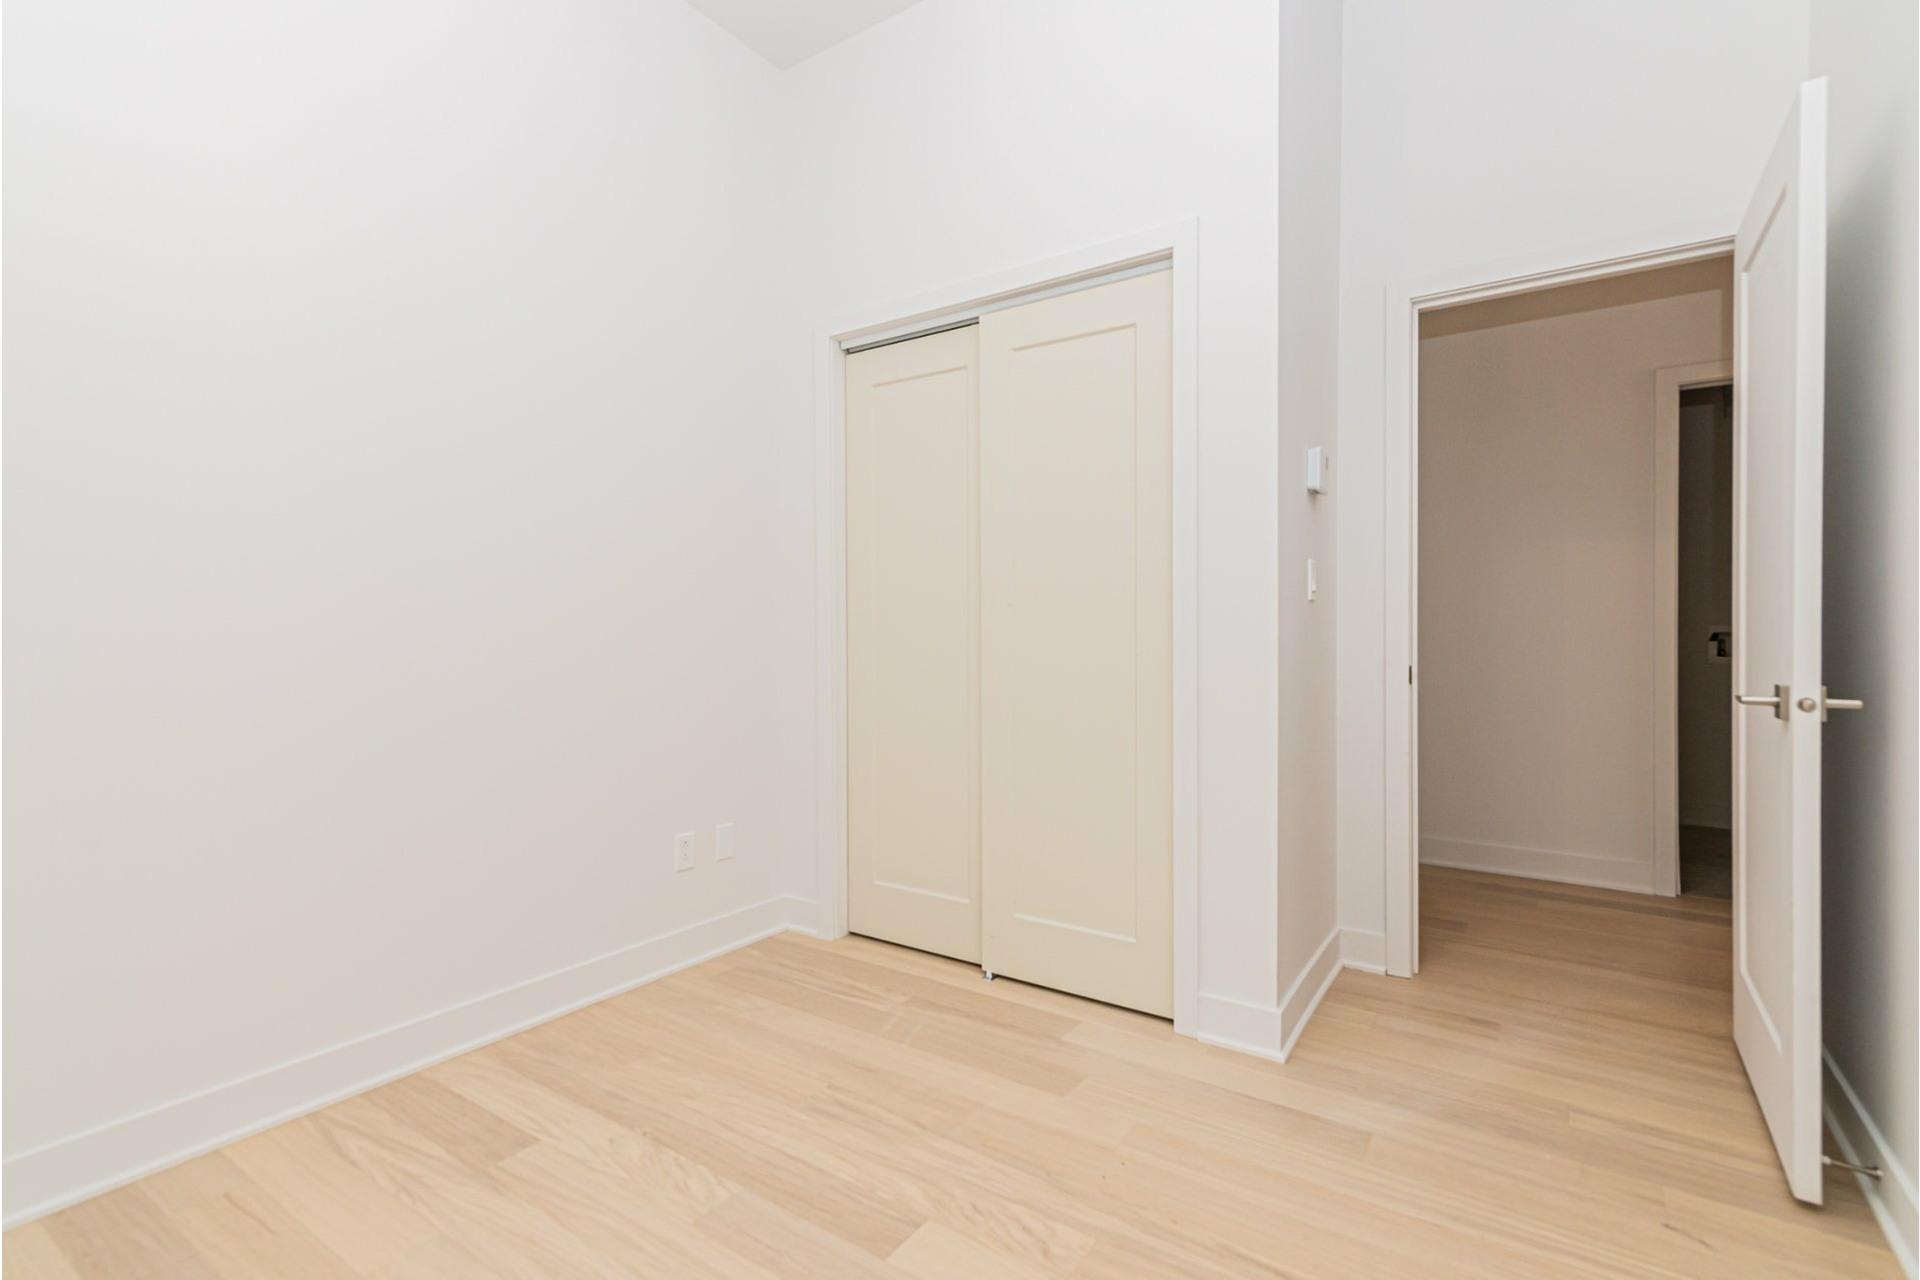 image 14 - Apartment For sale Rosemont/La Petite-Patrie Montréal  - 5 rooms